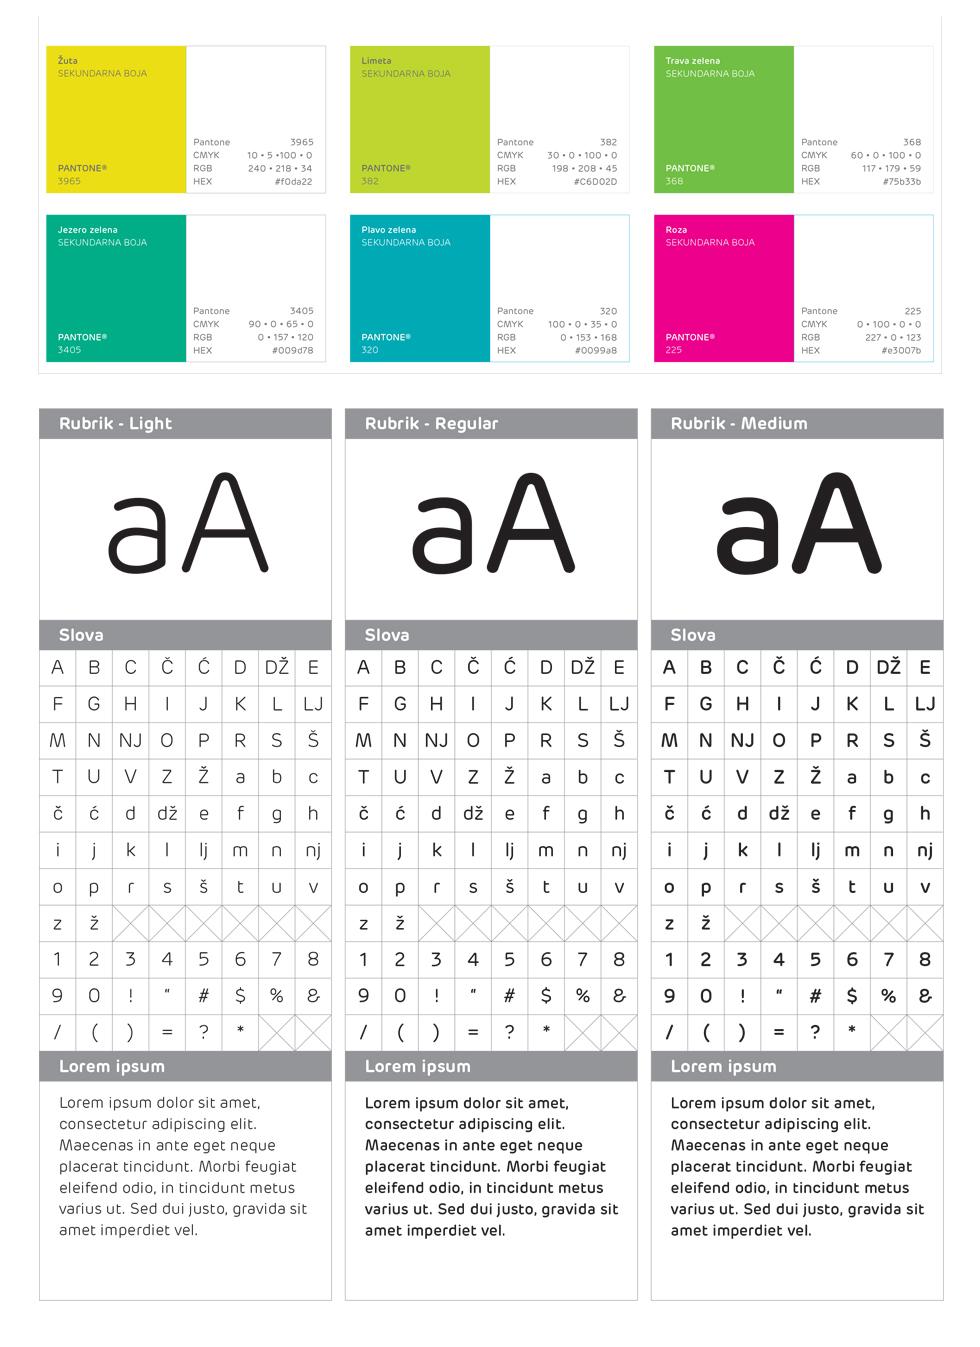 Primarna tipografija brenda